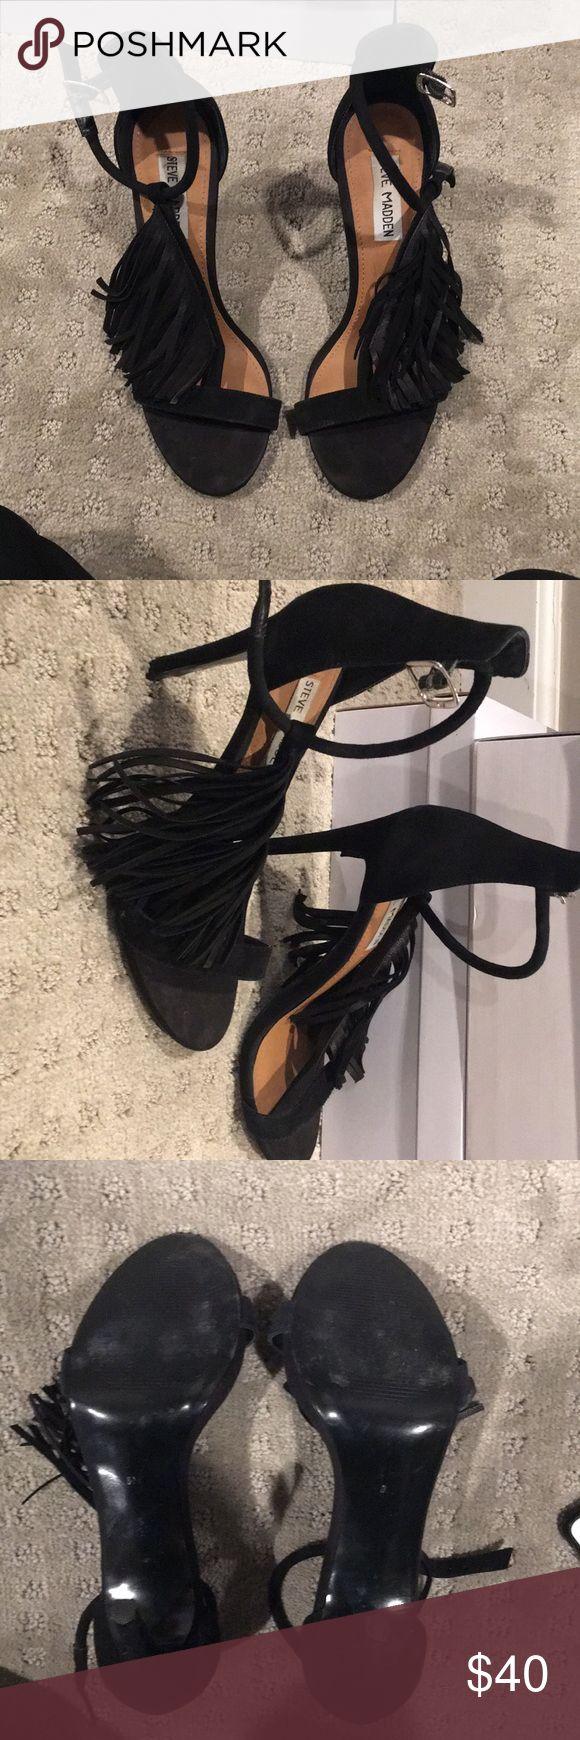 Steve Madden Fringe Heels Fringe black heels by Steve Madden only worn a handful of times, super festive! Steve Madden Shoes Heels